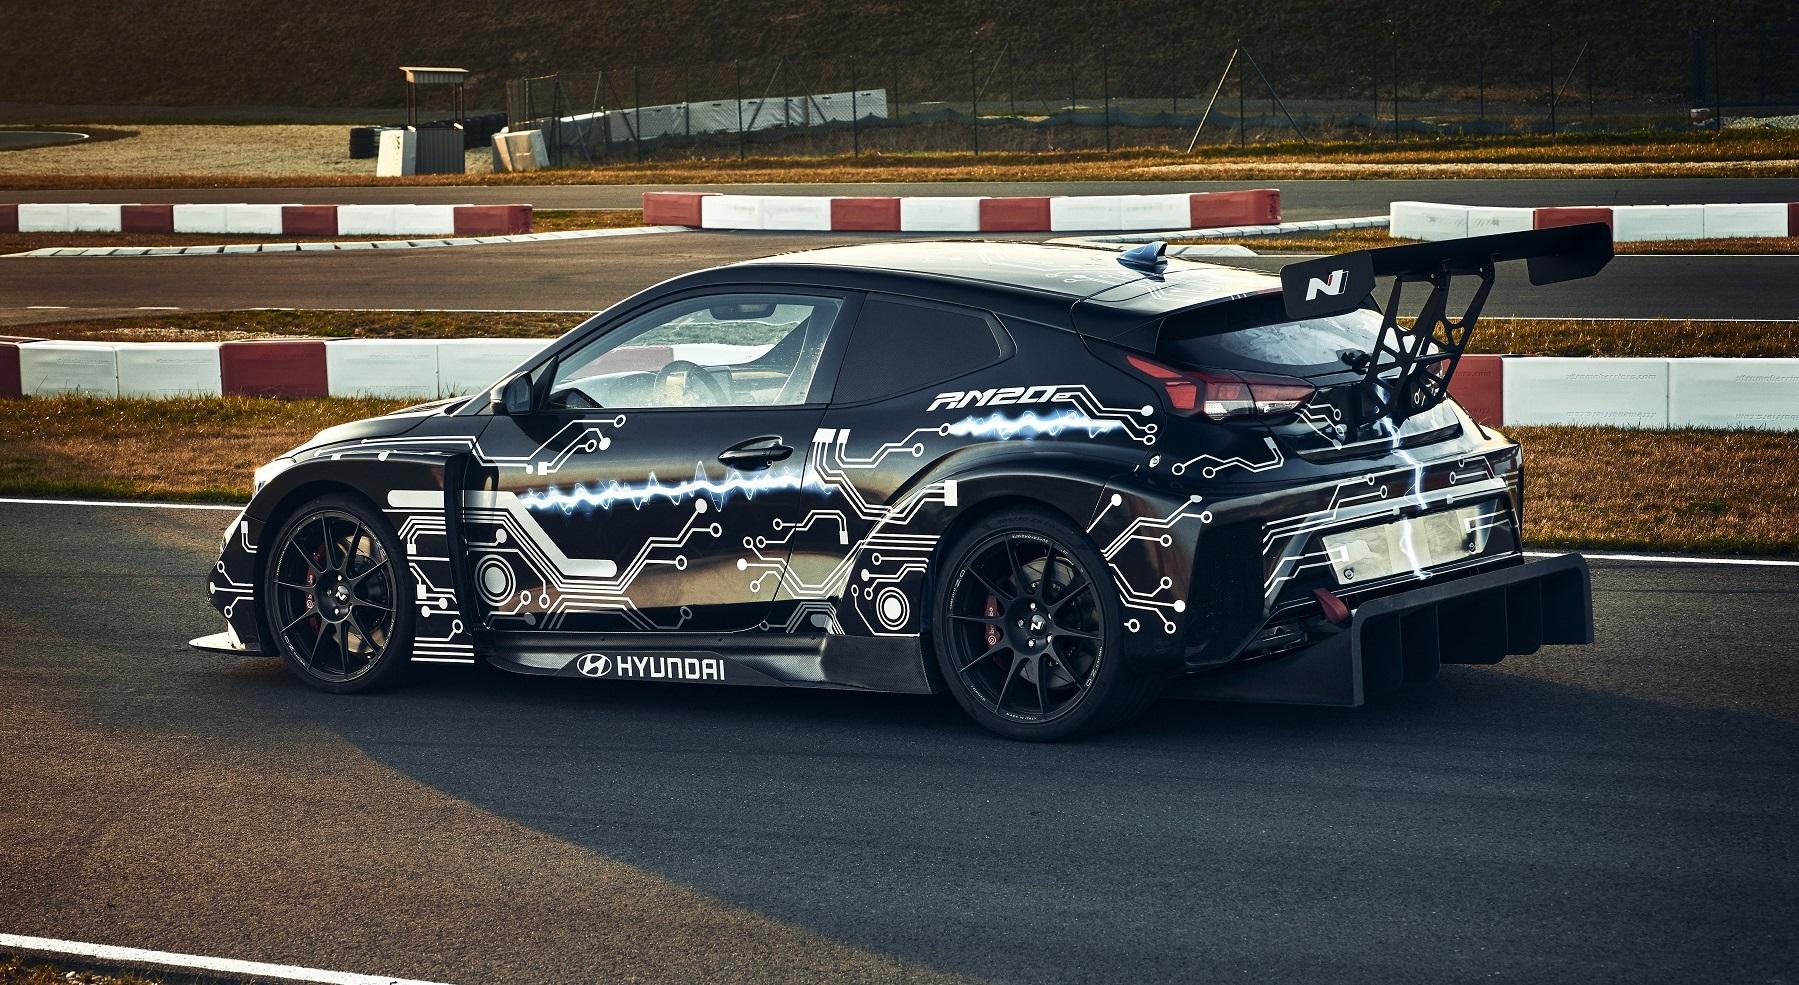 Hyundai N má elektrickú budúcnosť. Predznamenáva ju špeciál RM20e oDQjl8Dz24 hyundai-rm20e-racing-mi